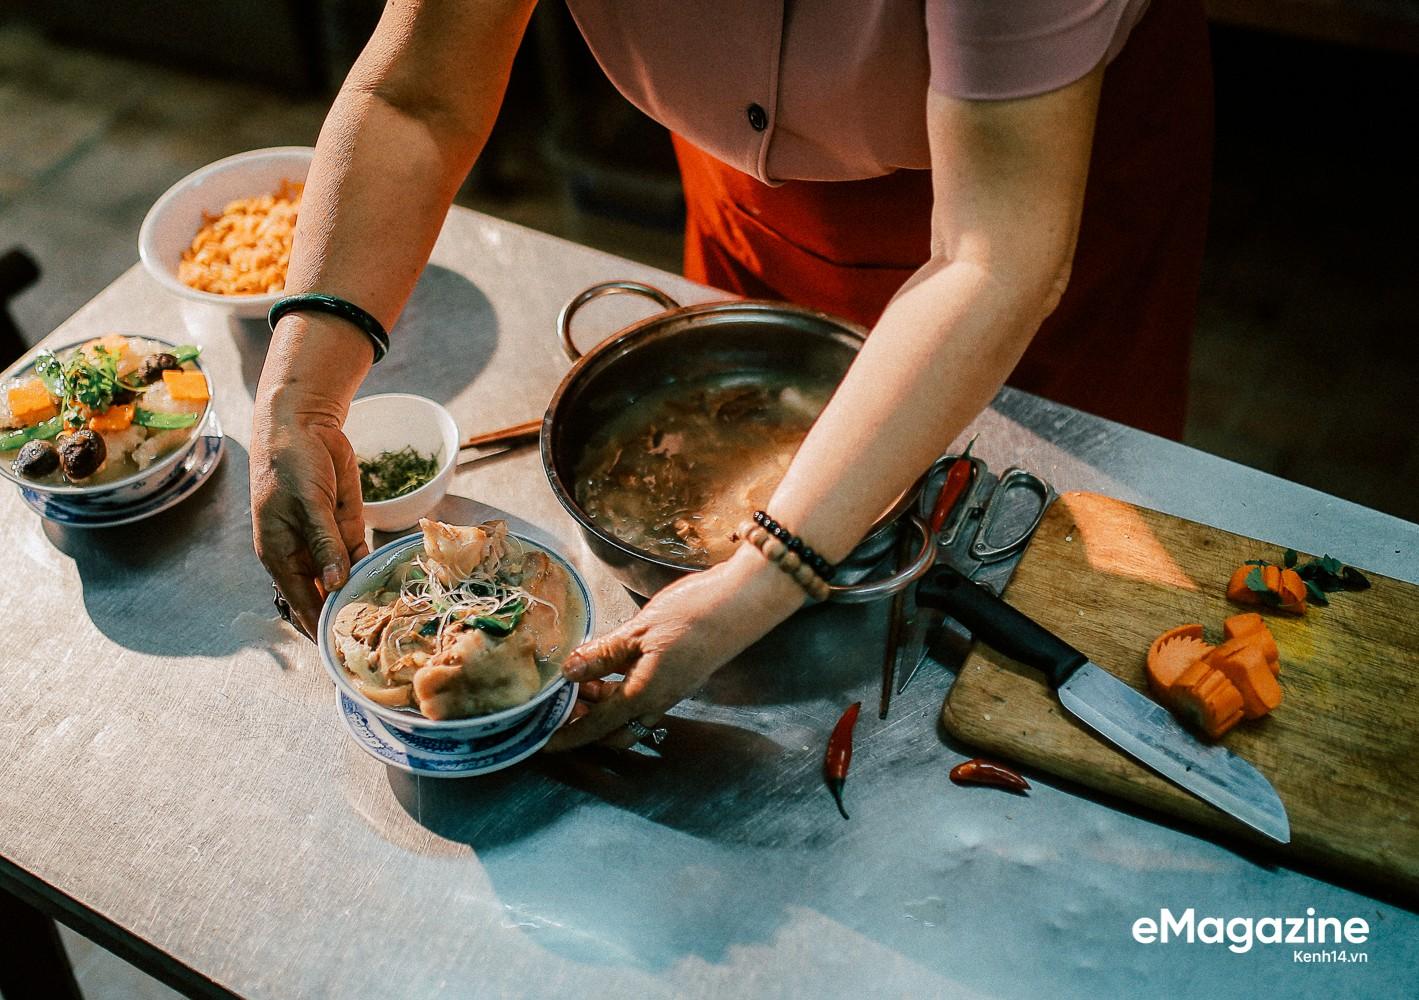 Chuyện nghệ nhân ẩm thực đãi tiệc 21 nguyên thủ quốc gia APEC bằng tinh tuý món ăn Việt Nam - Ảnh 9.